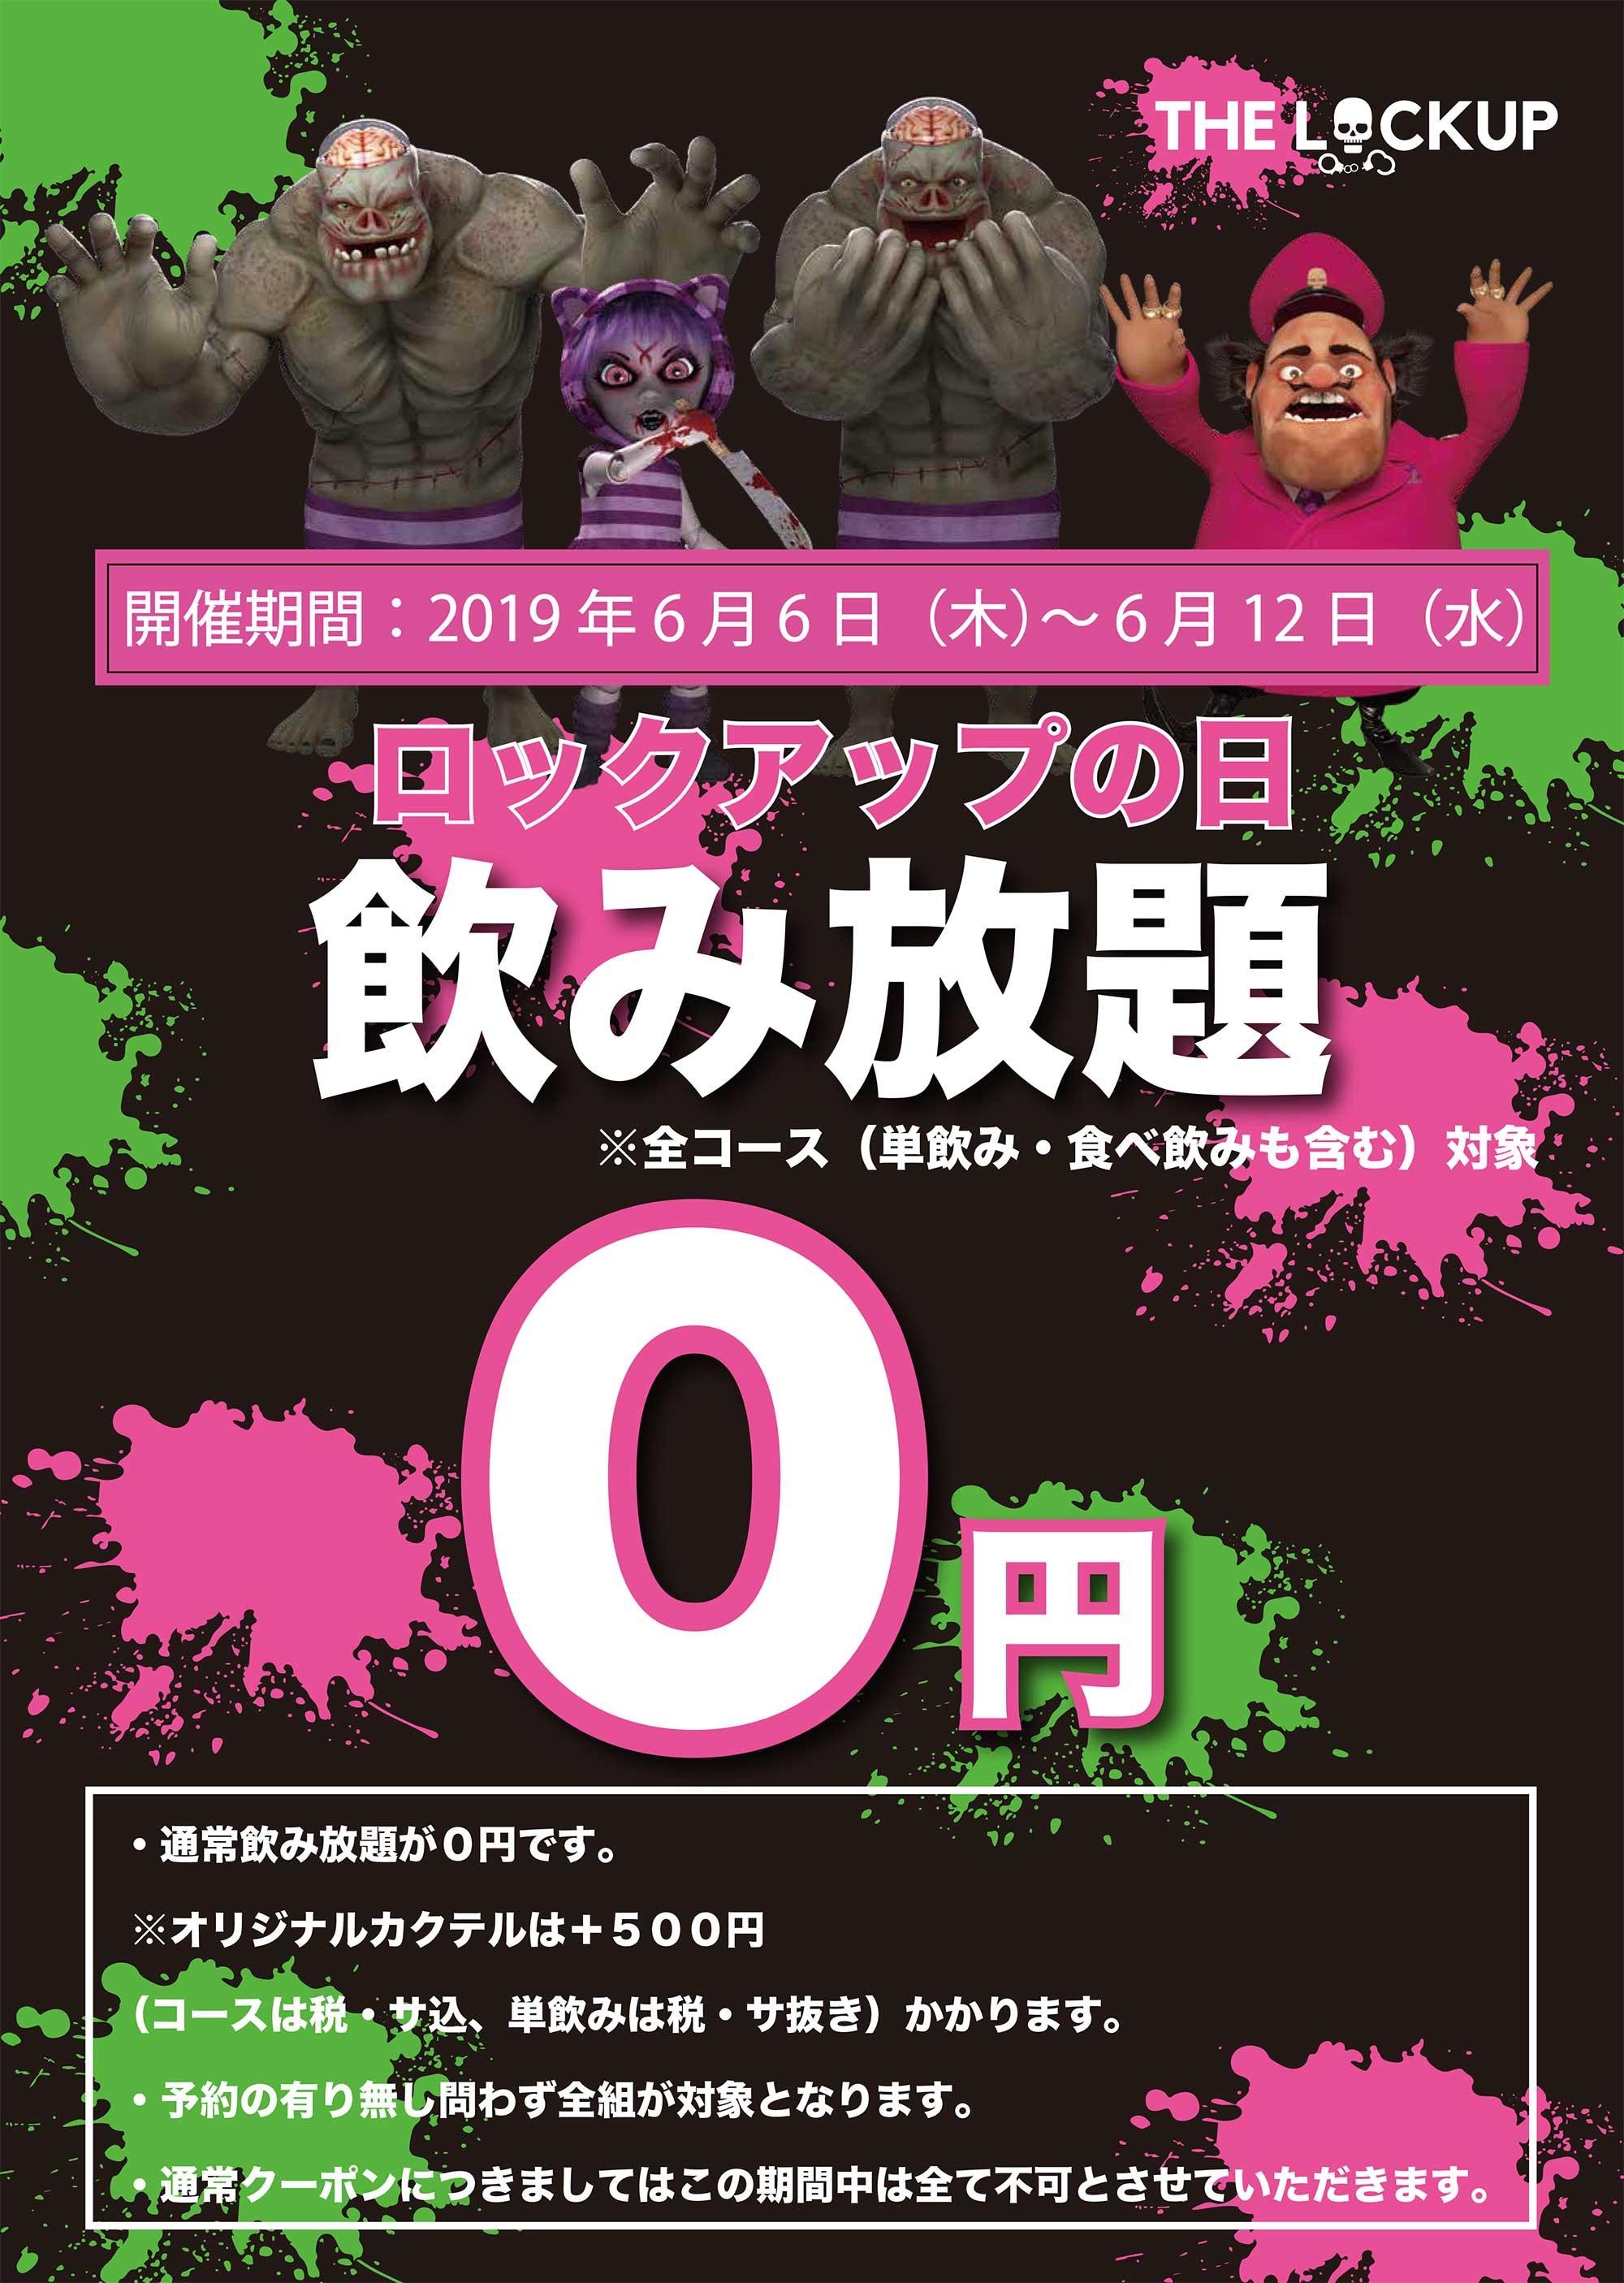 監獄レストラン ザ・ロックアップで宴会コースの飲み放題が0円セールを開催中。6/6~6/12。